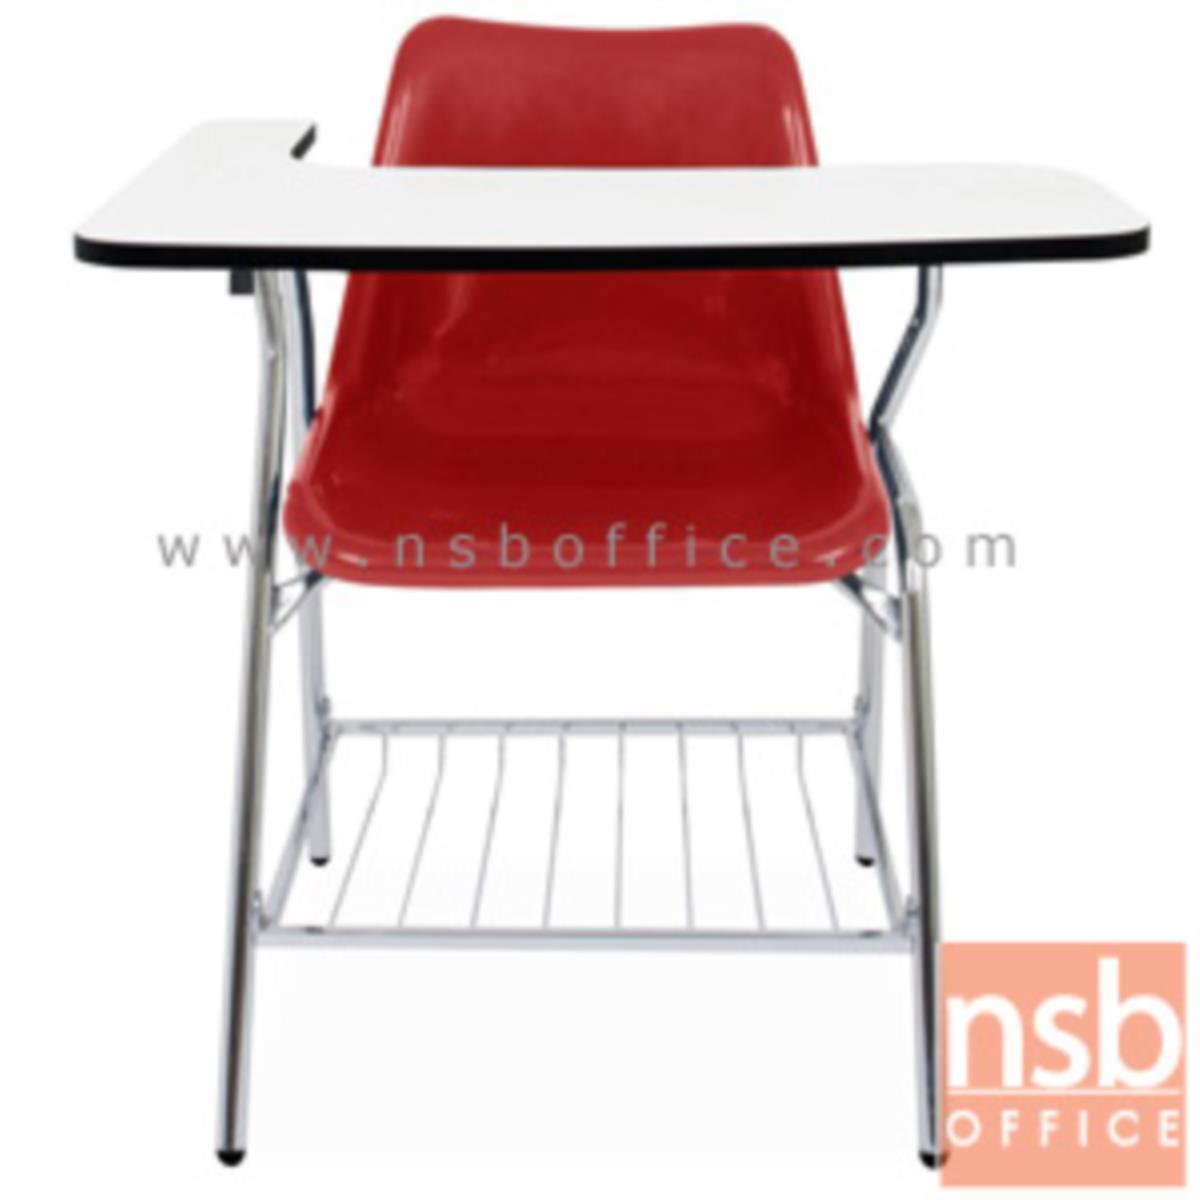 B07A073:เก้าอี้เลคเชอร์เฟรมโพลี่ รุ่น YT-F1 (มีตะแกรงวางของ) ขาเหล็กชุบโครเมี่ยม